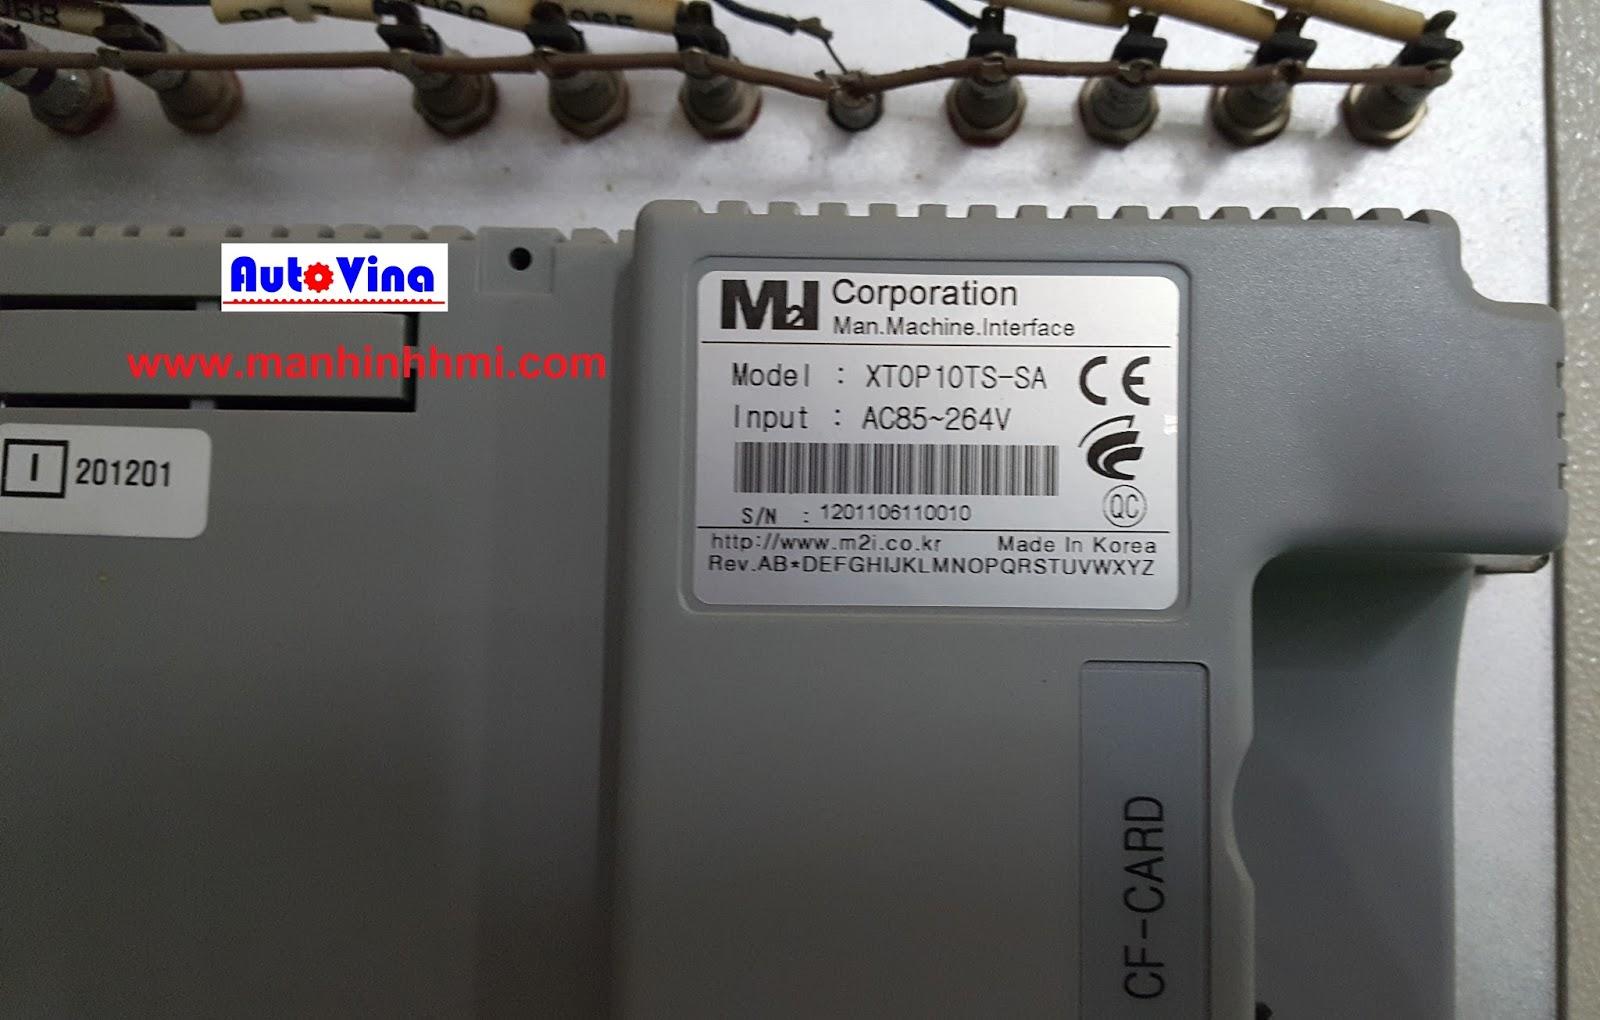 Sửa chữa màn hình cảm ứng hãng M2I, Model XTOP10TS-SA